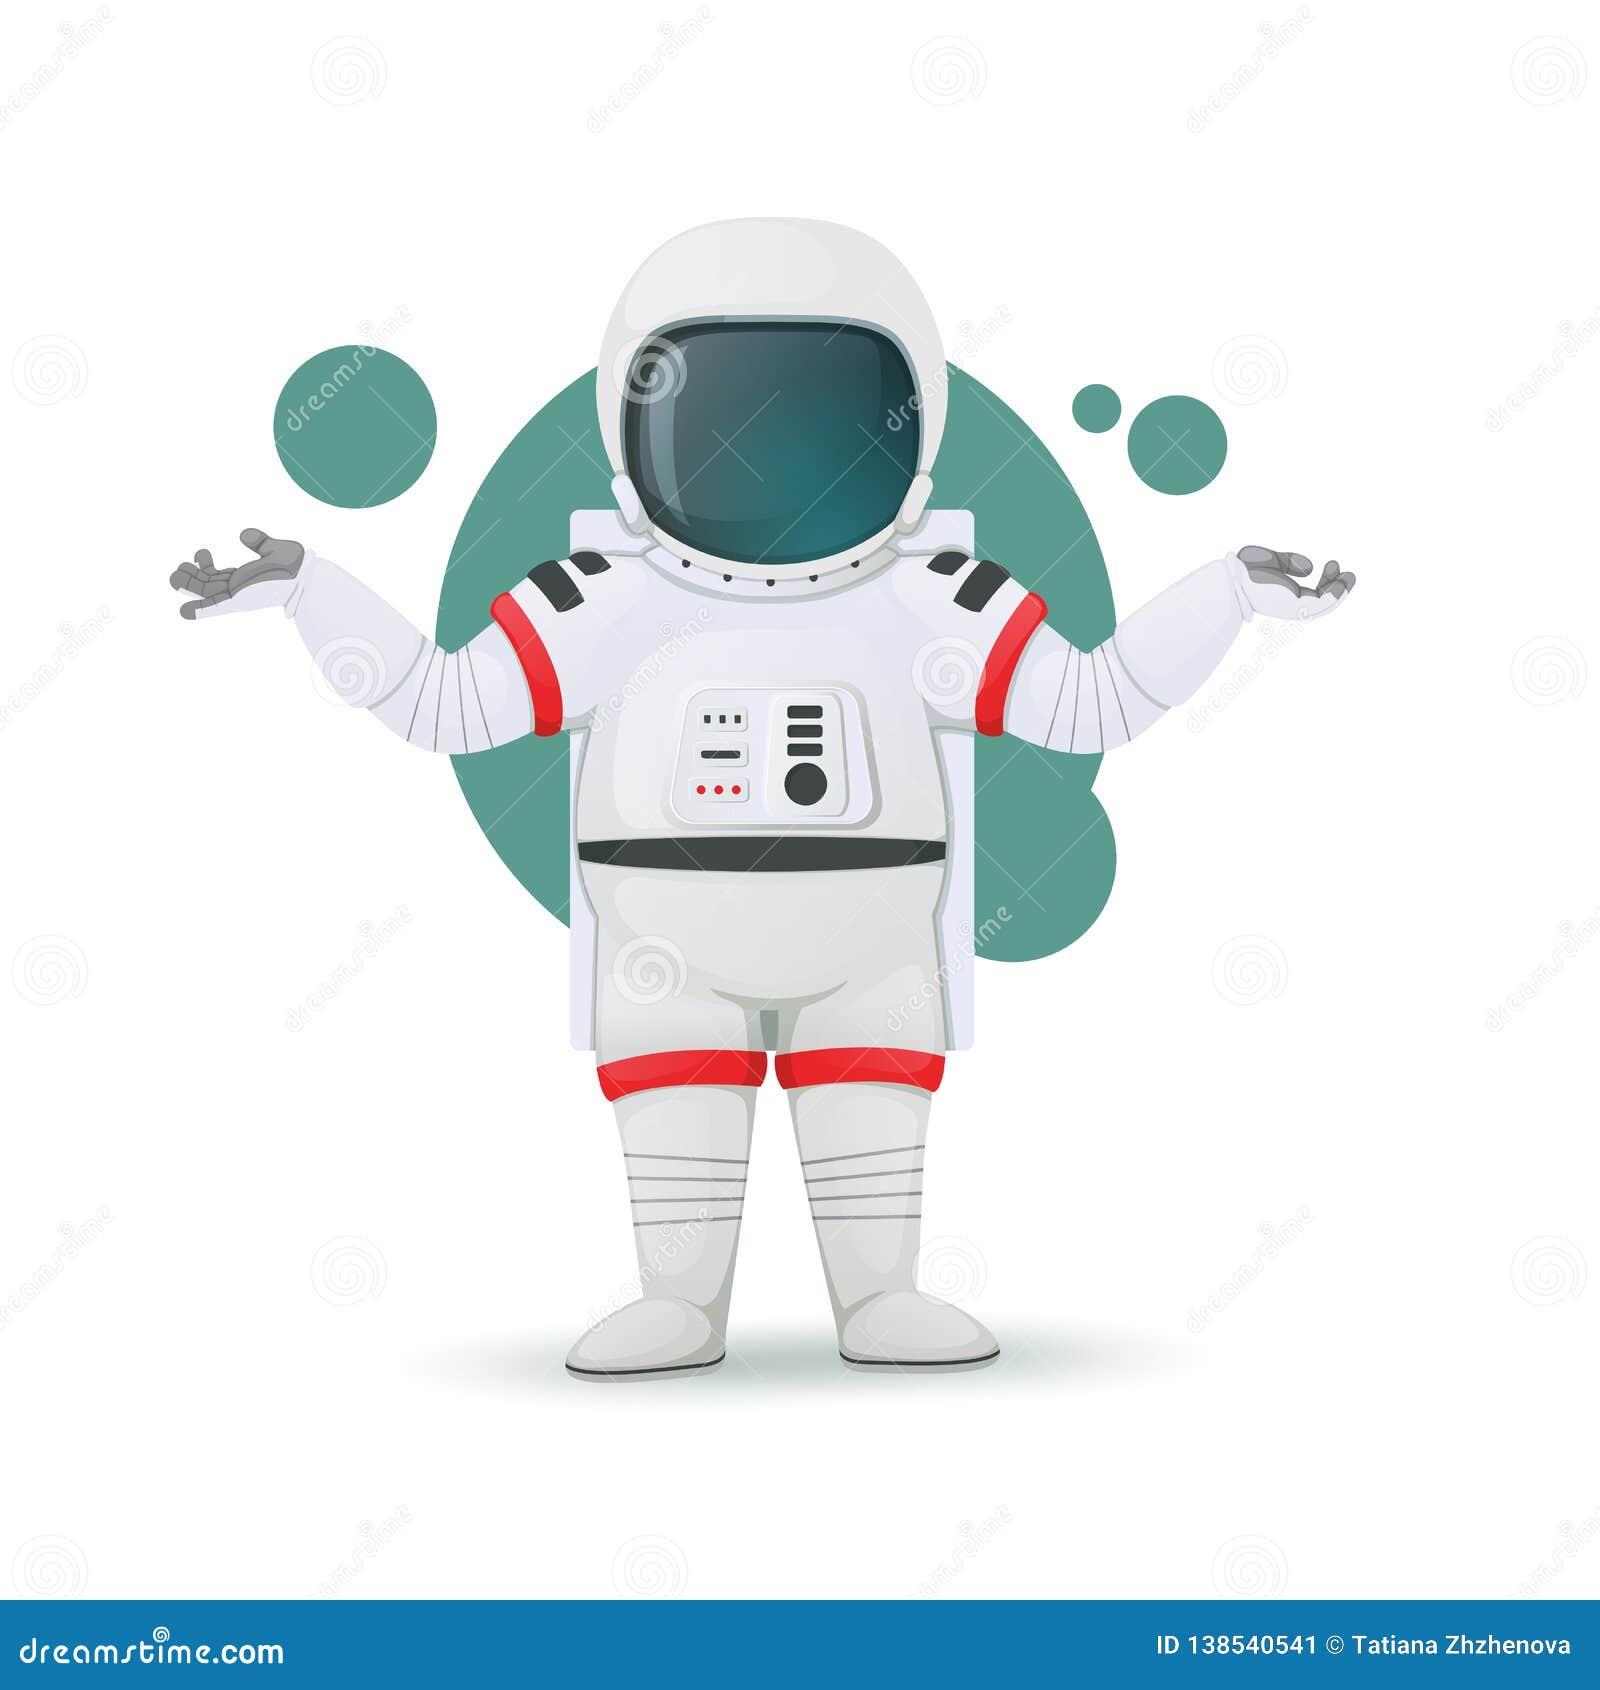 Пожимания плечами астронавта показывая сомнение, запутанность или недостаток эрудиции Озадаченное выражение головка дерзких милых